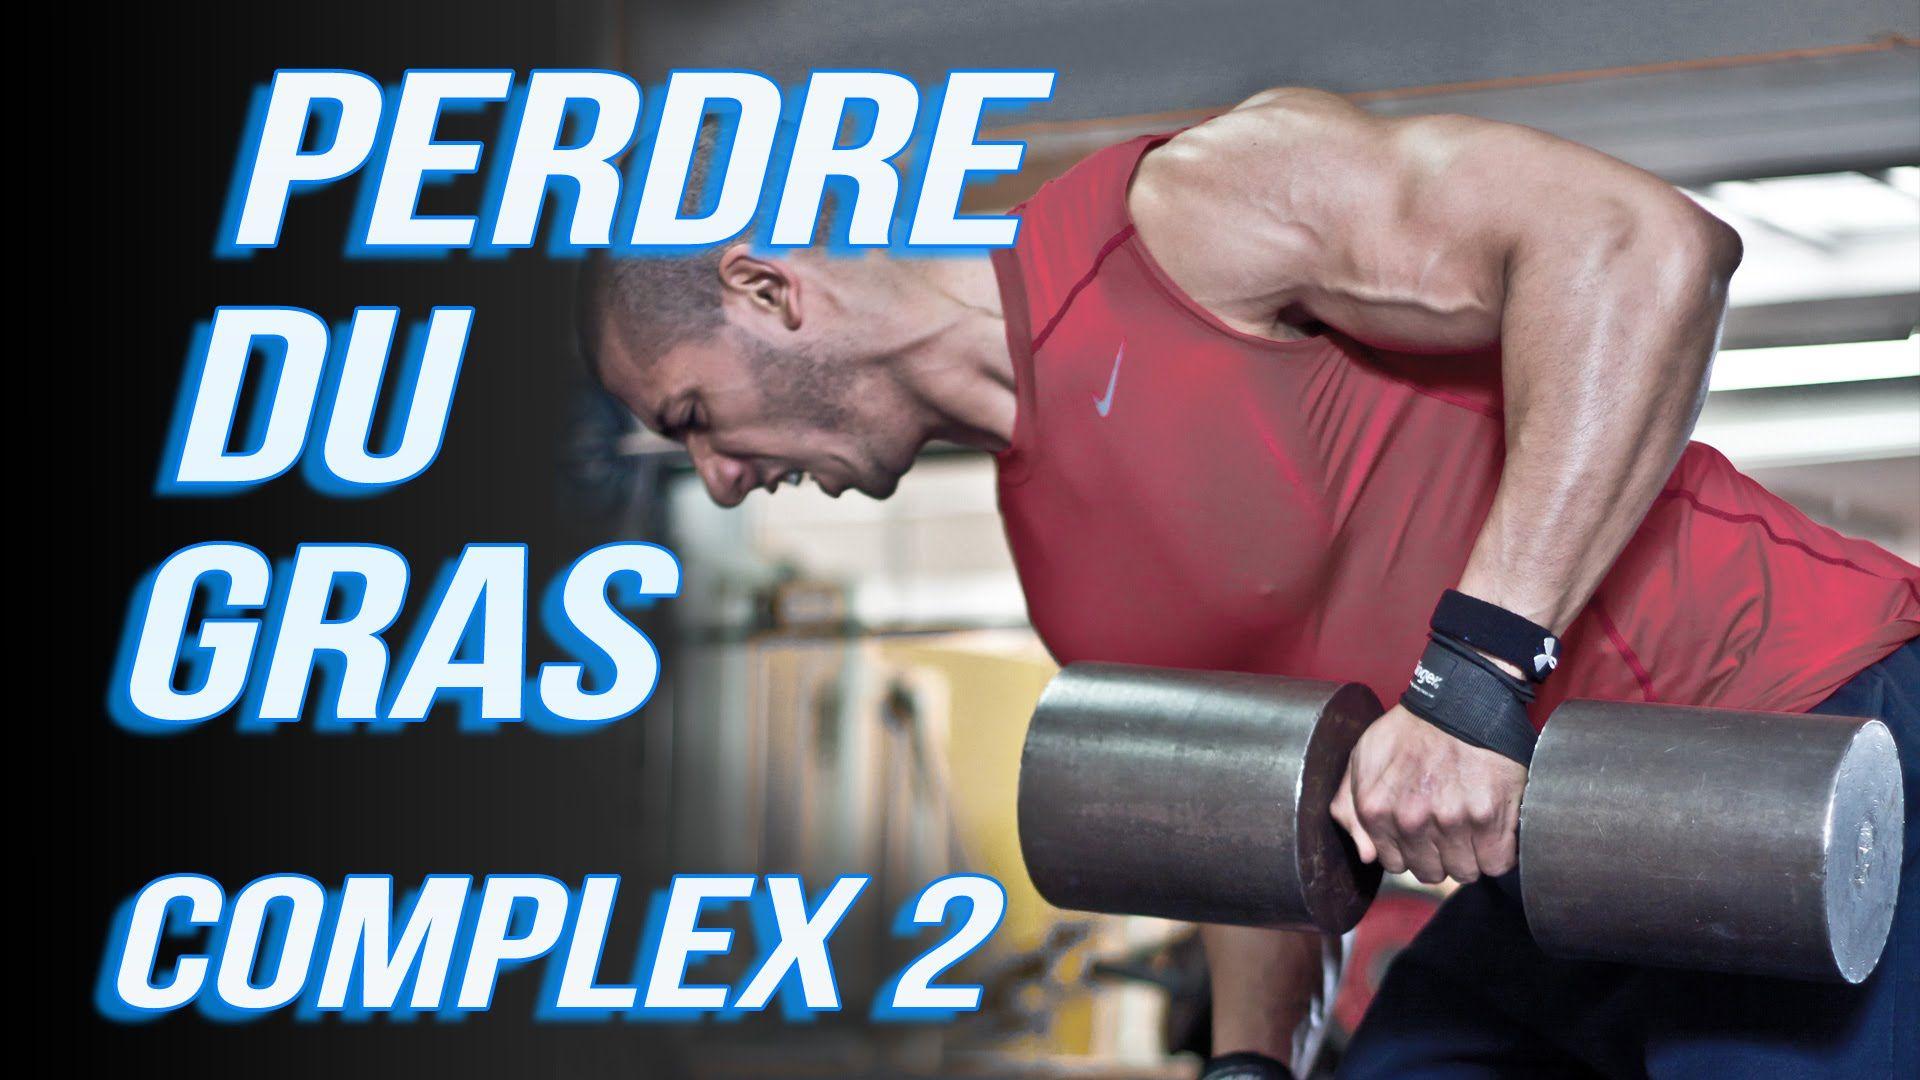 Musculation: Perdre du gras avec les Complex - Ep2